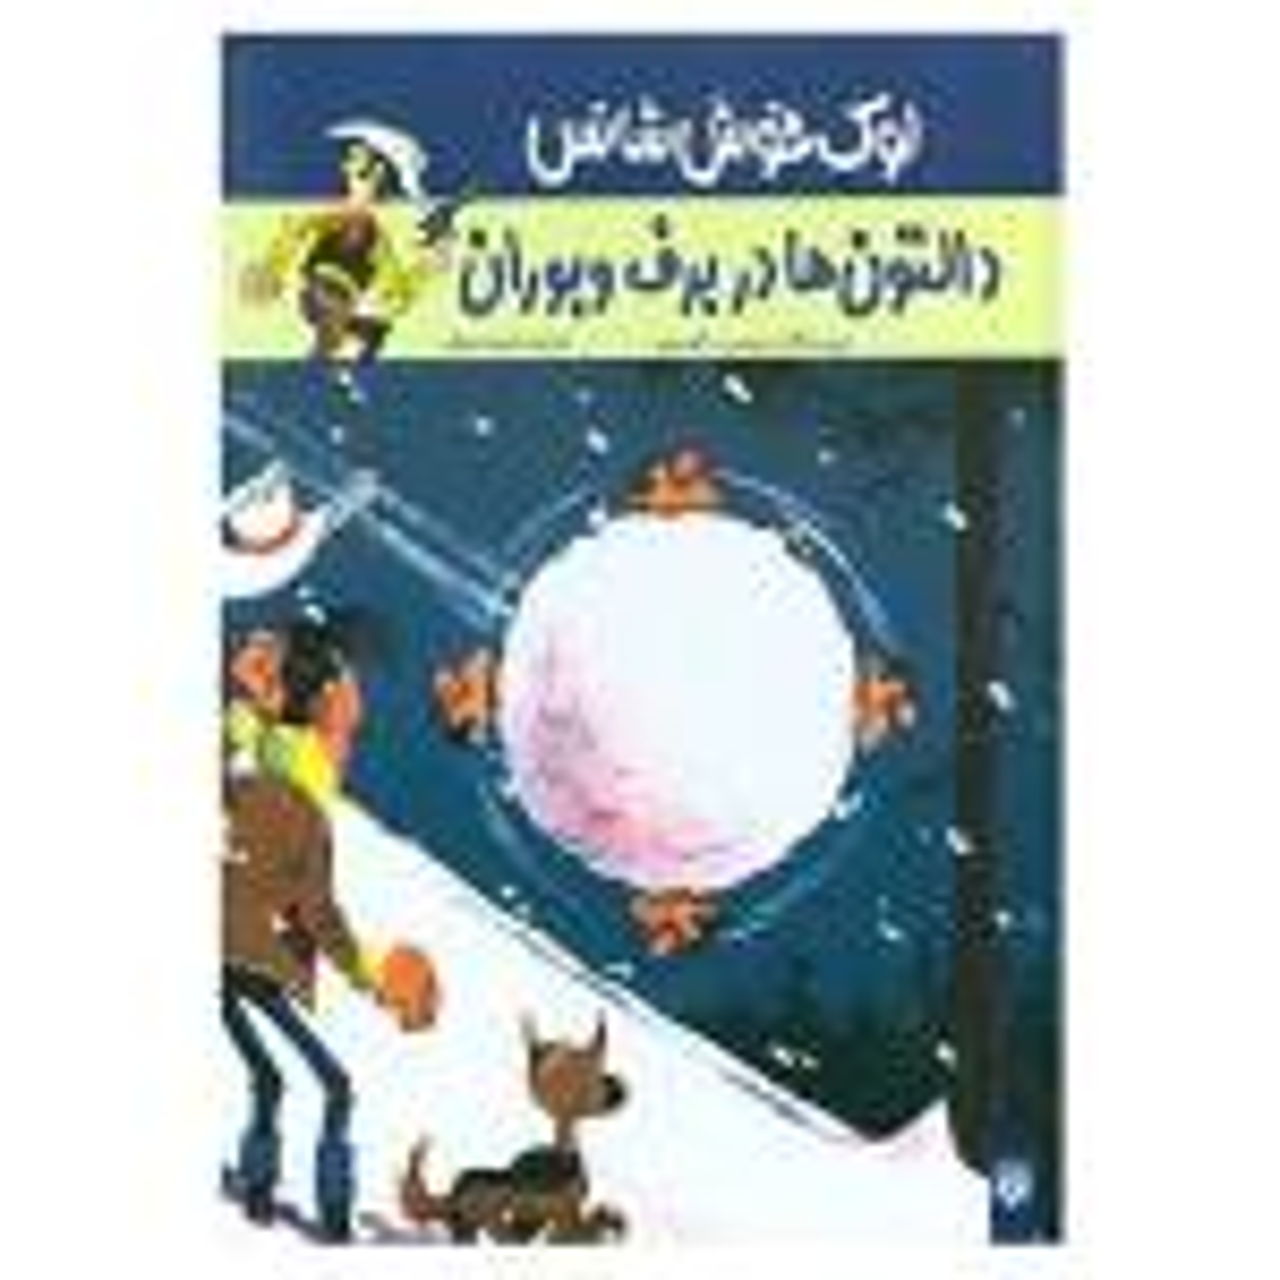 کتاب لوک خوش شانس 2 اثر موریس و گوسینی